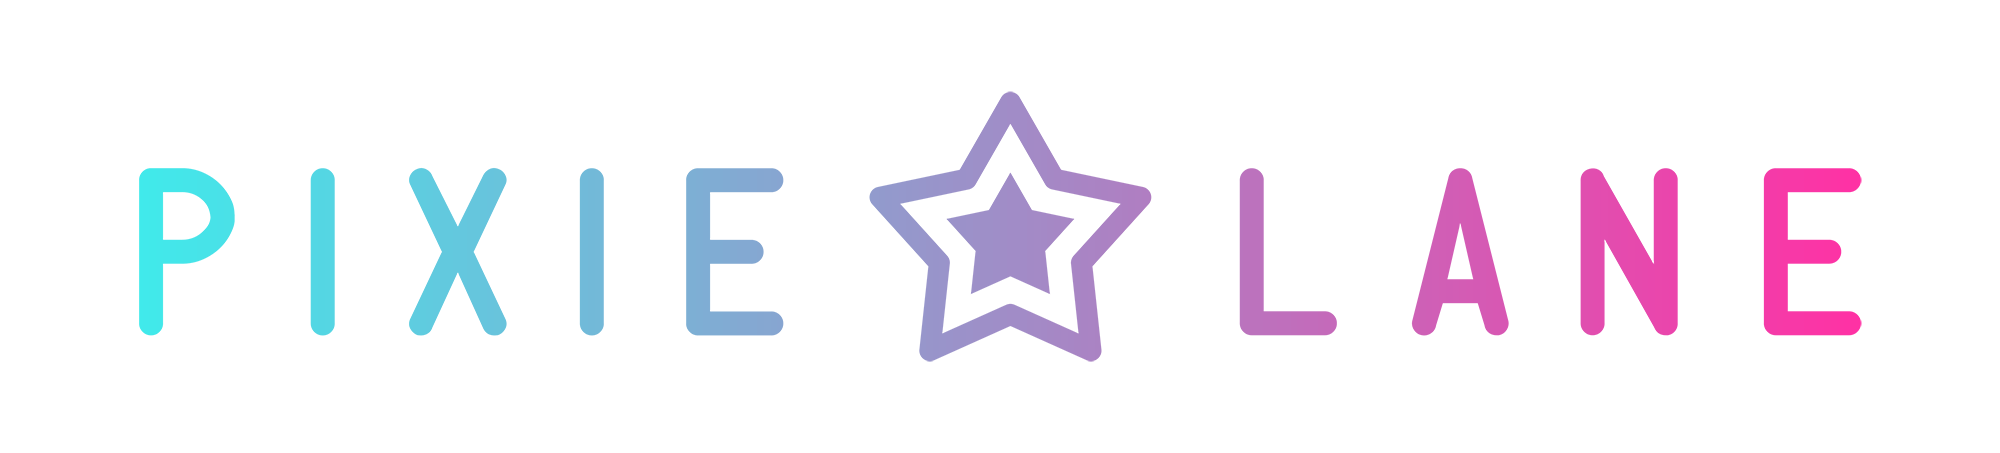 Pixielane Logo - gradient